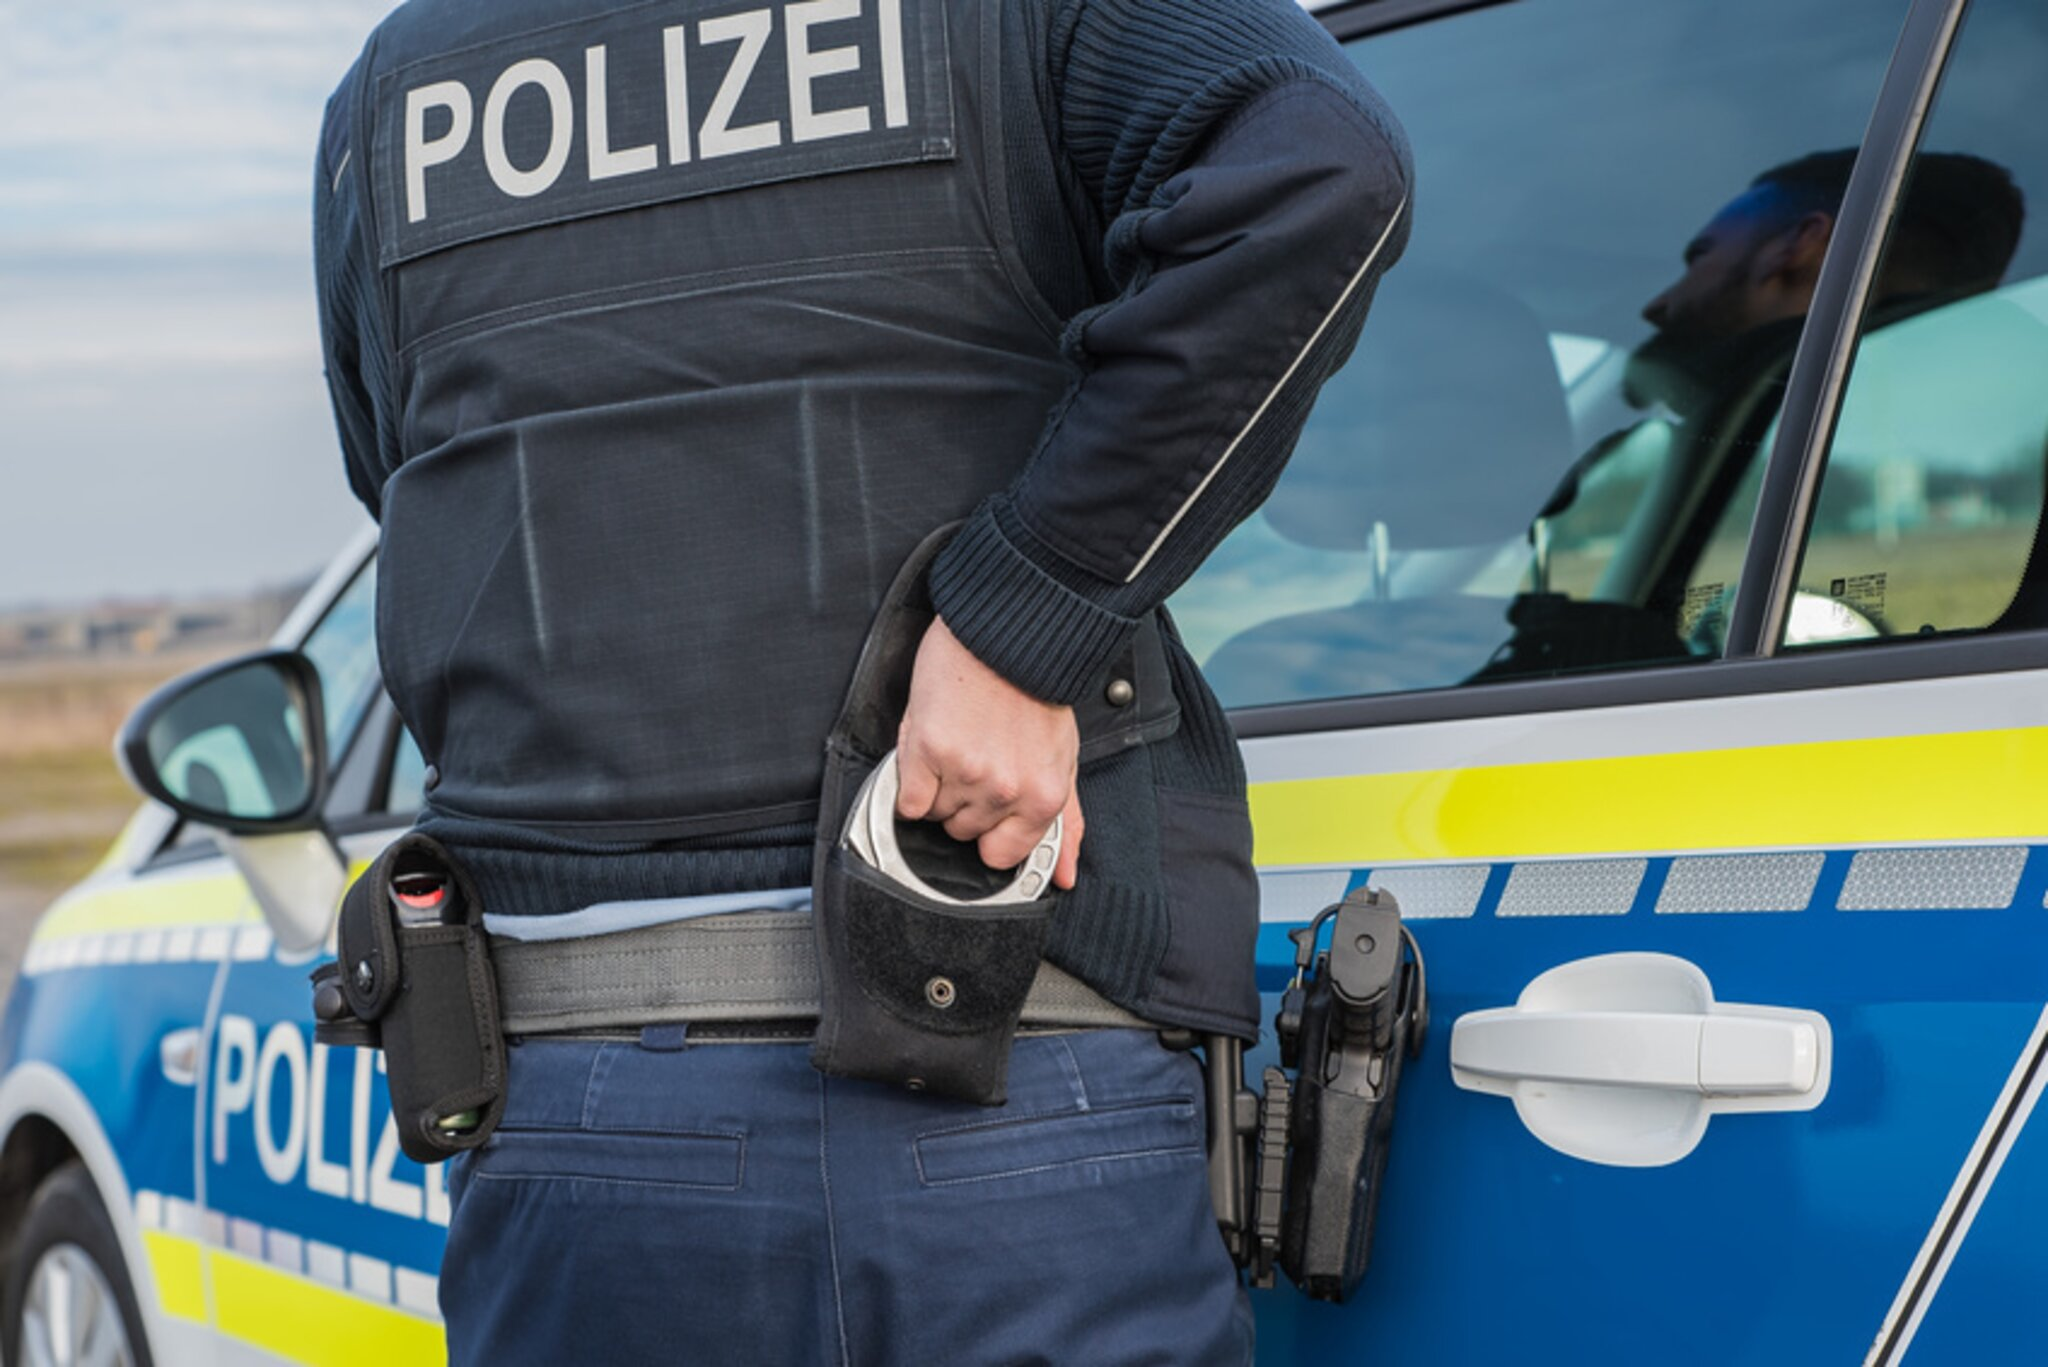 Aschaffenburg-Versammlung-in-der-Innenstadt-Polizei-sorgt-f-r-st-rungsfeien-Verlauf